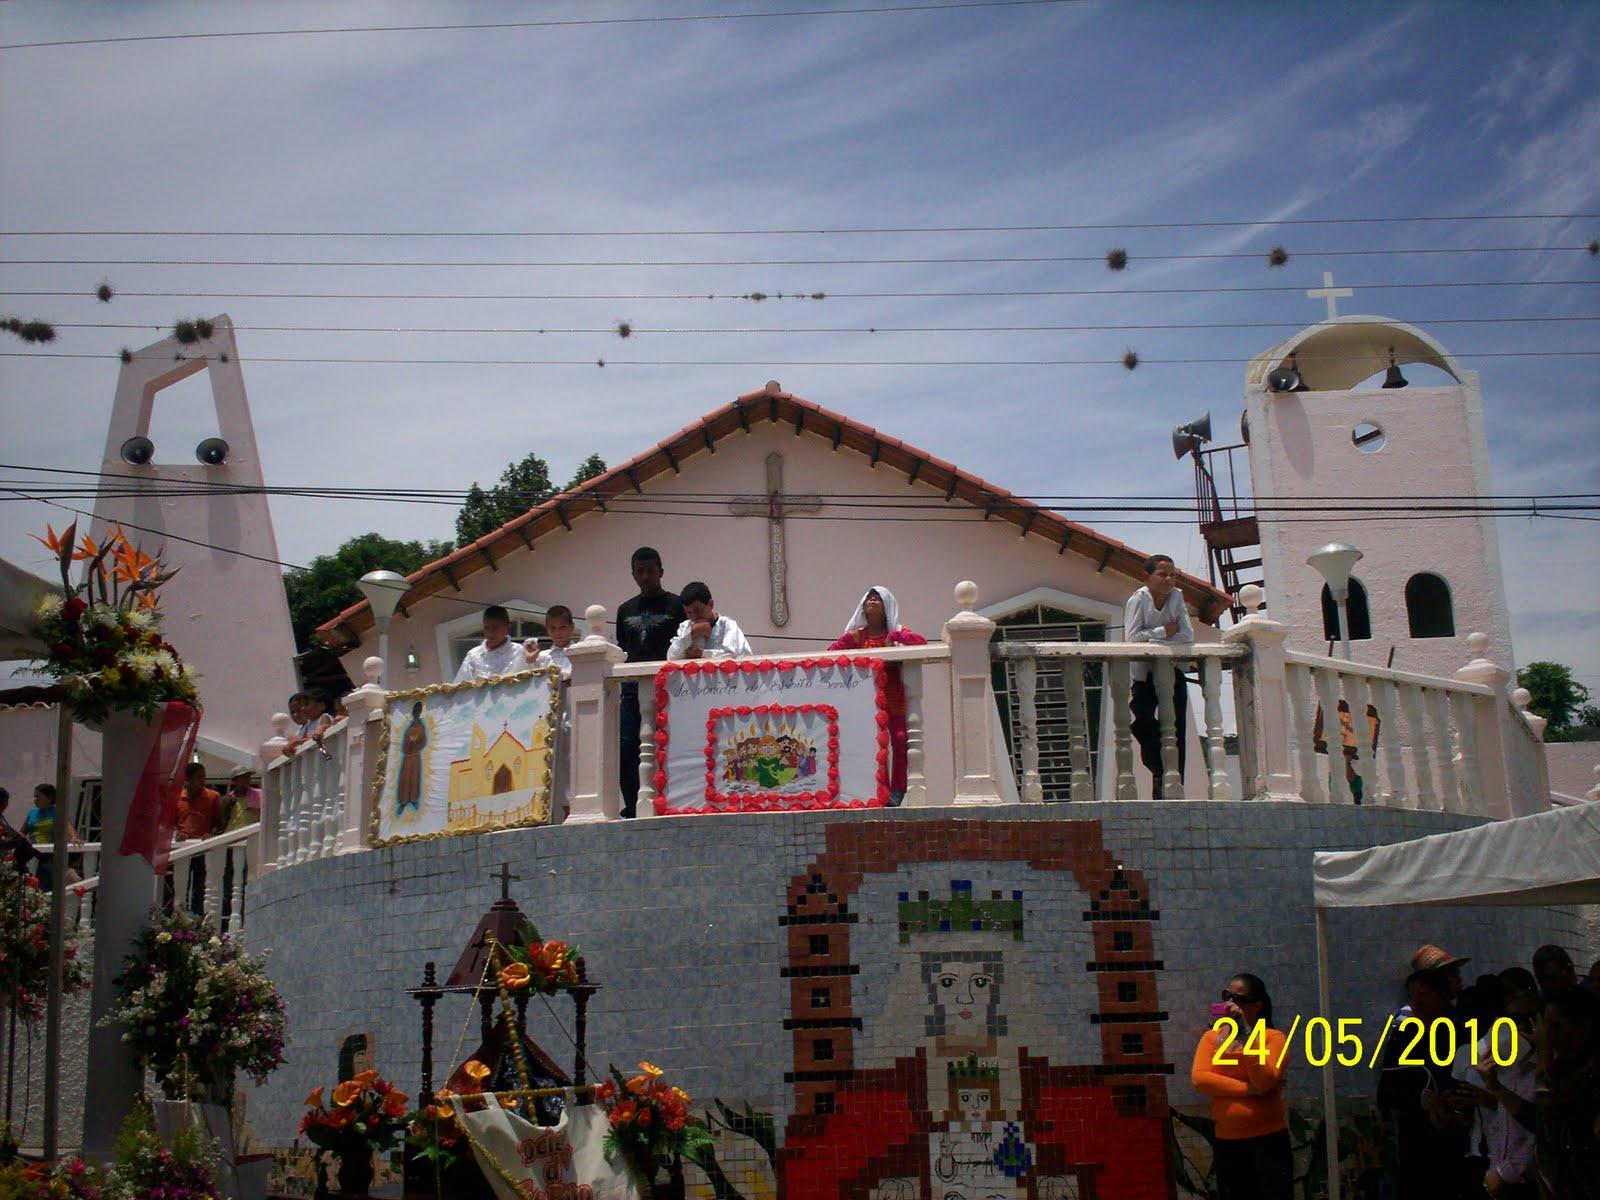 Sabana Grande Municipio Bolívar - Estado Trujillo